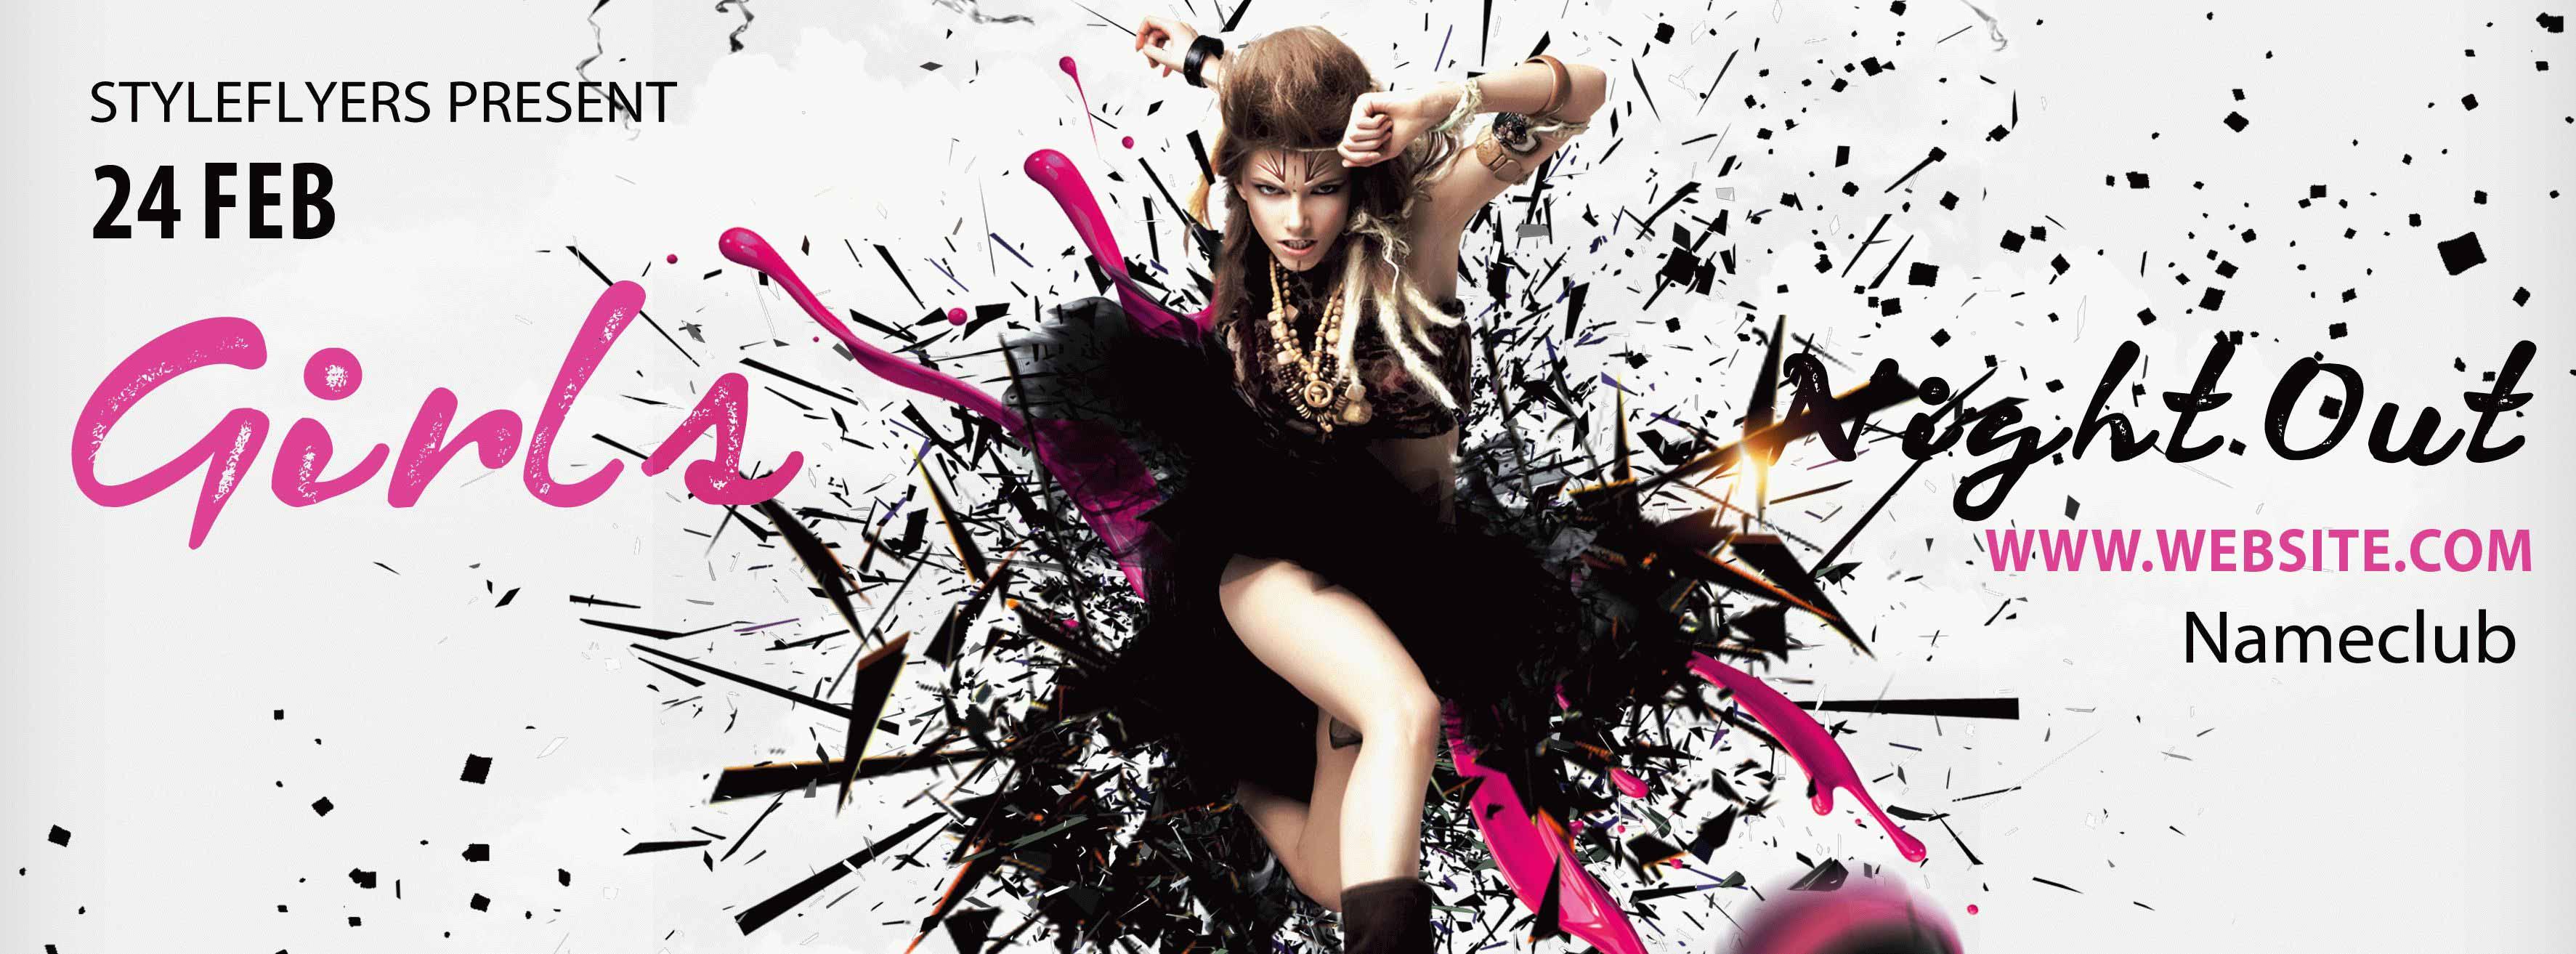 Hot Dance Night PSD Flyer Template